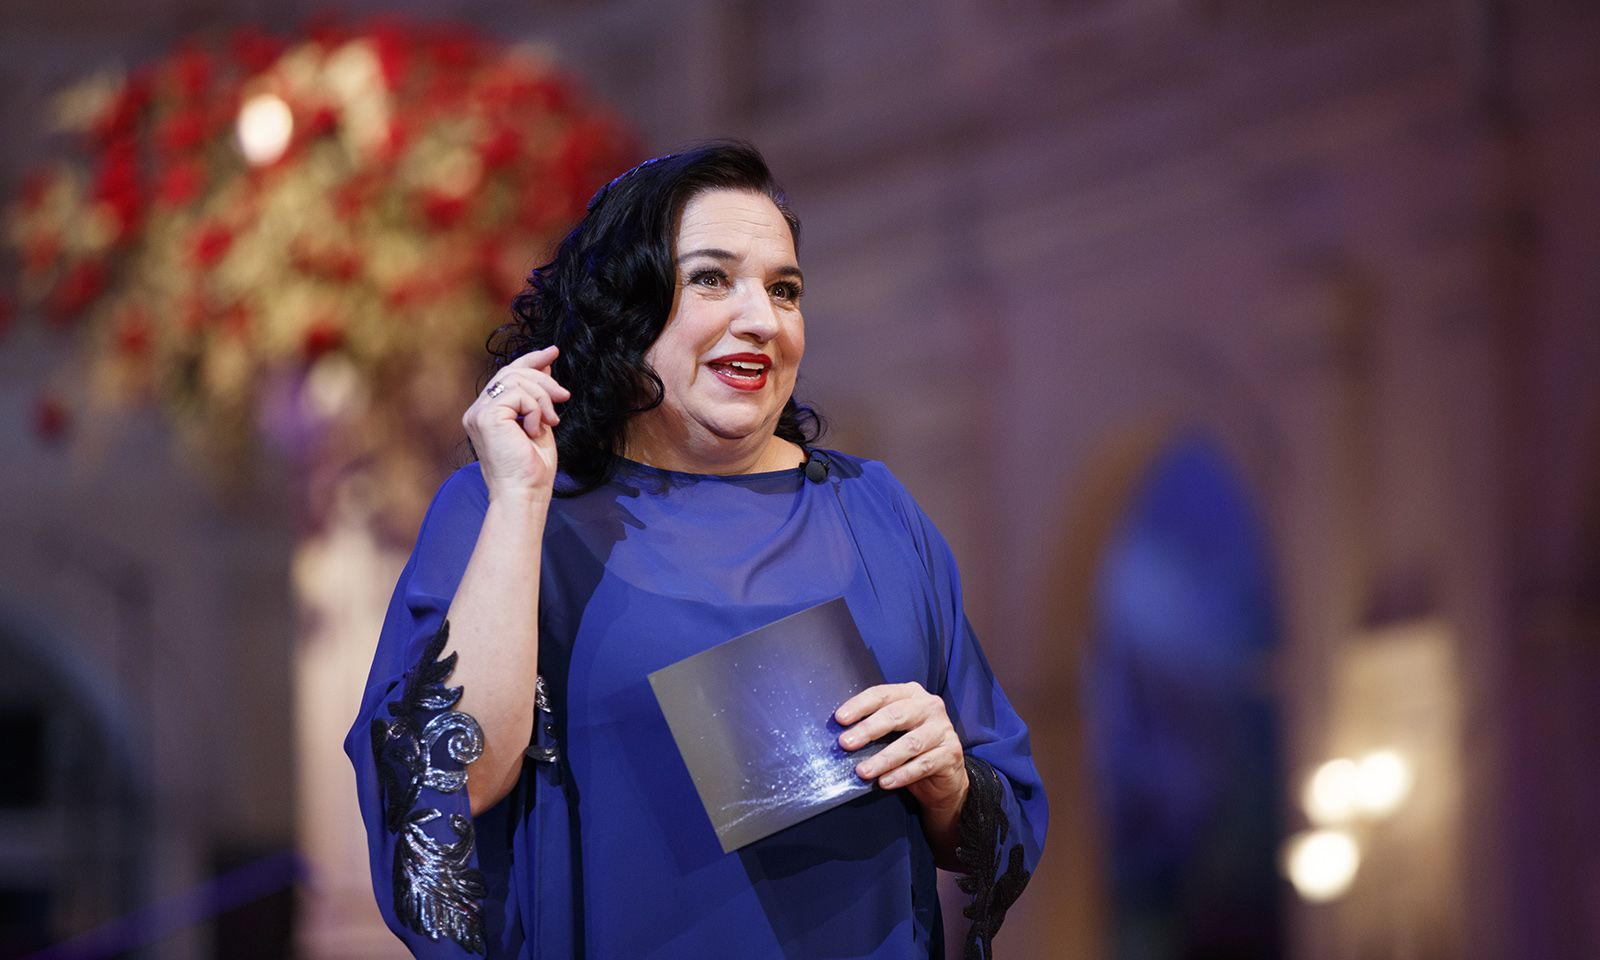 Burgschauspielerin Maria Happel führte bei der mittlerweile 22. Opernredoute als erste Conférencière durch den Abend.